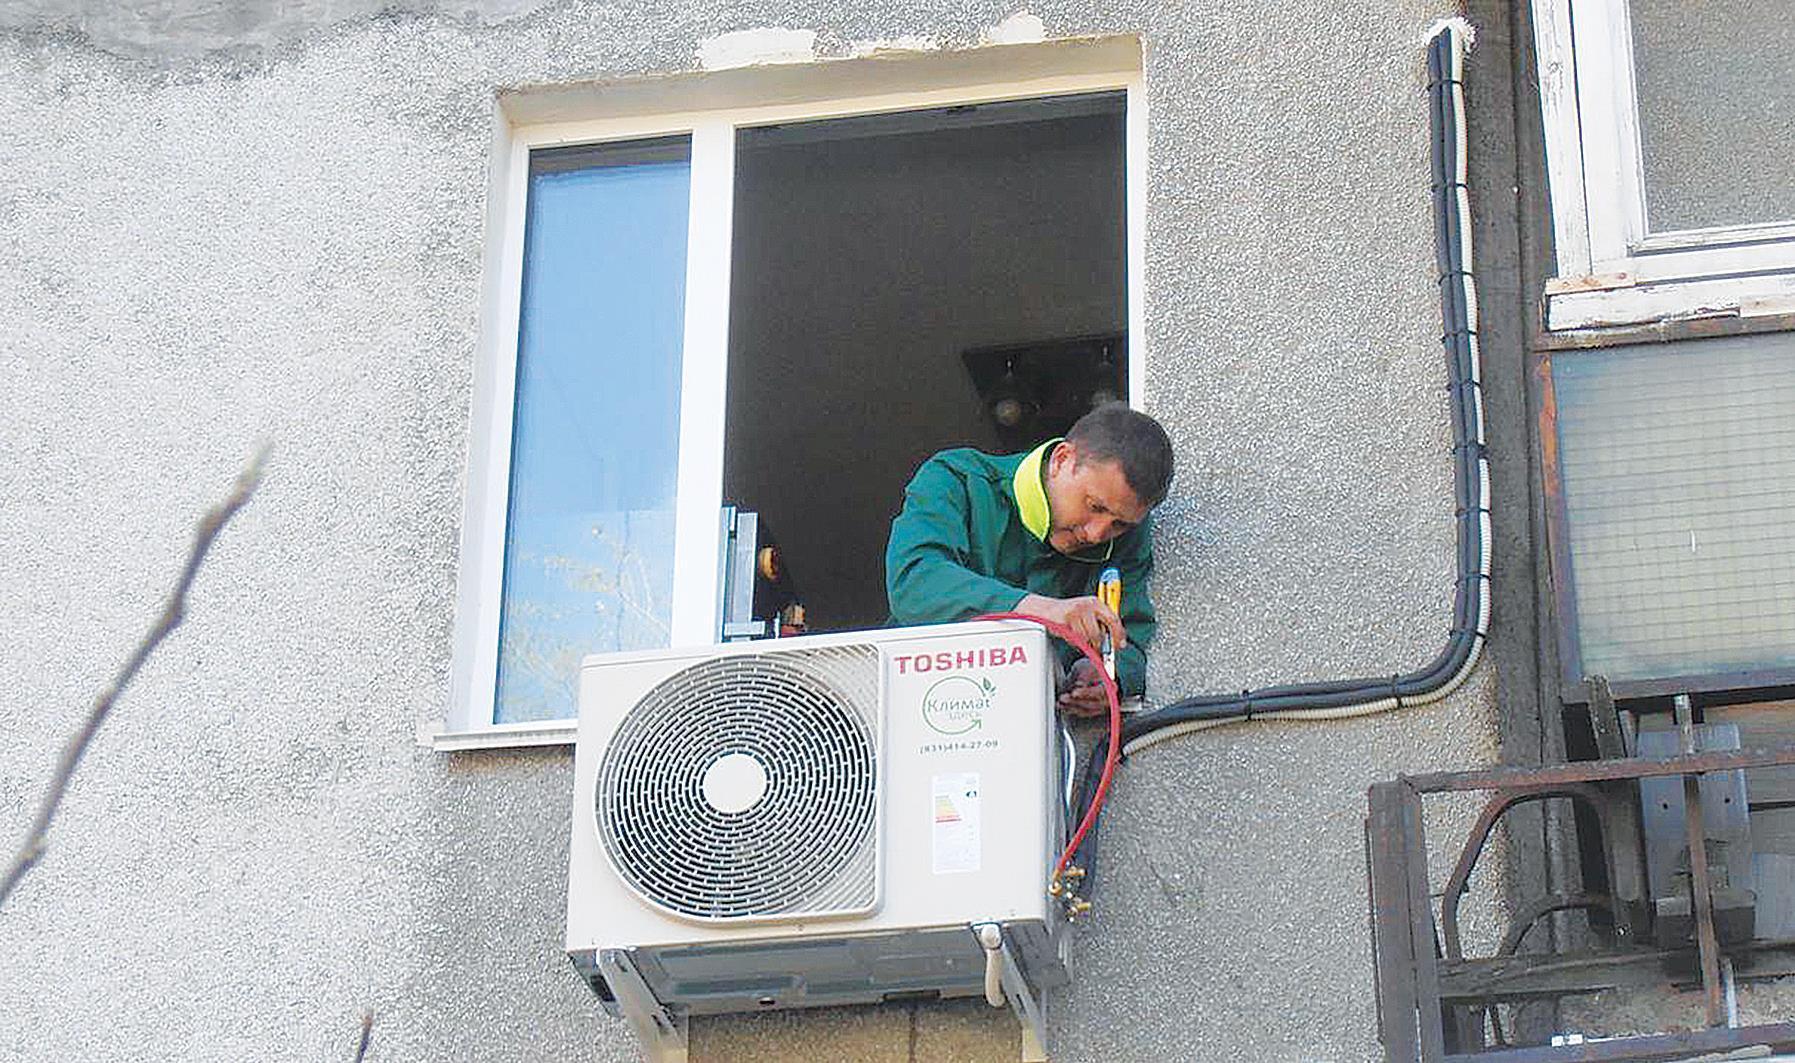 Климат контроль для дома и квартиры: устройство и преимущества системы + тонкости выбора и монтажа